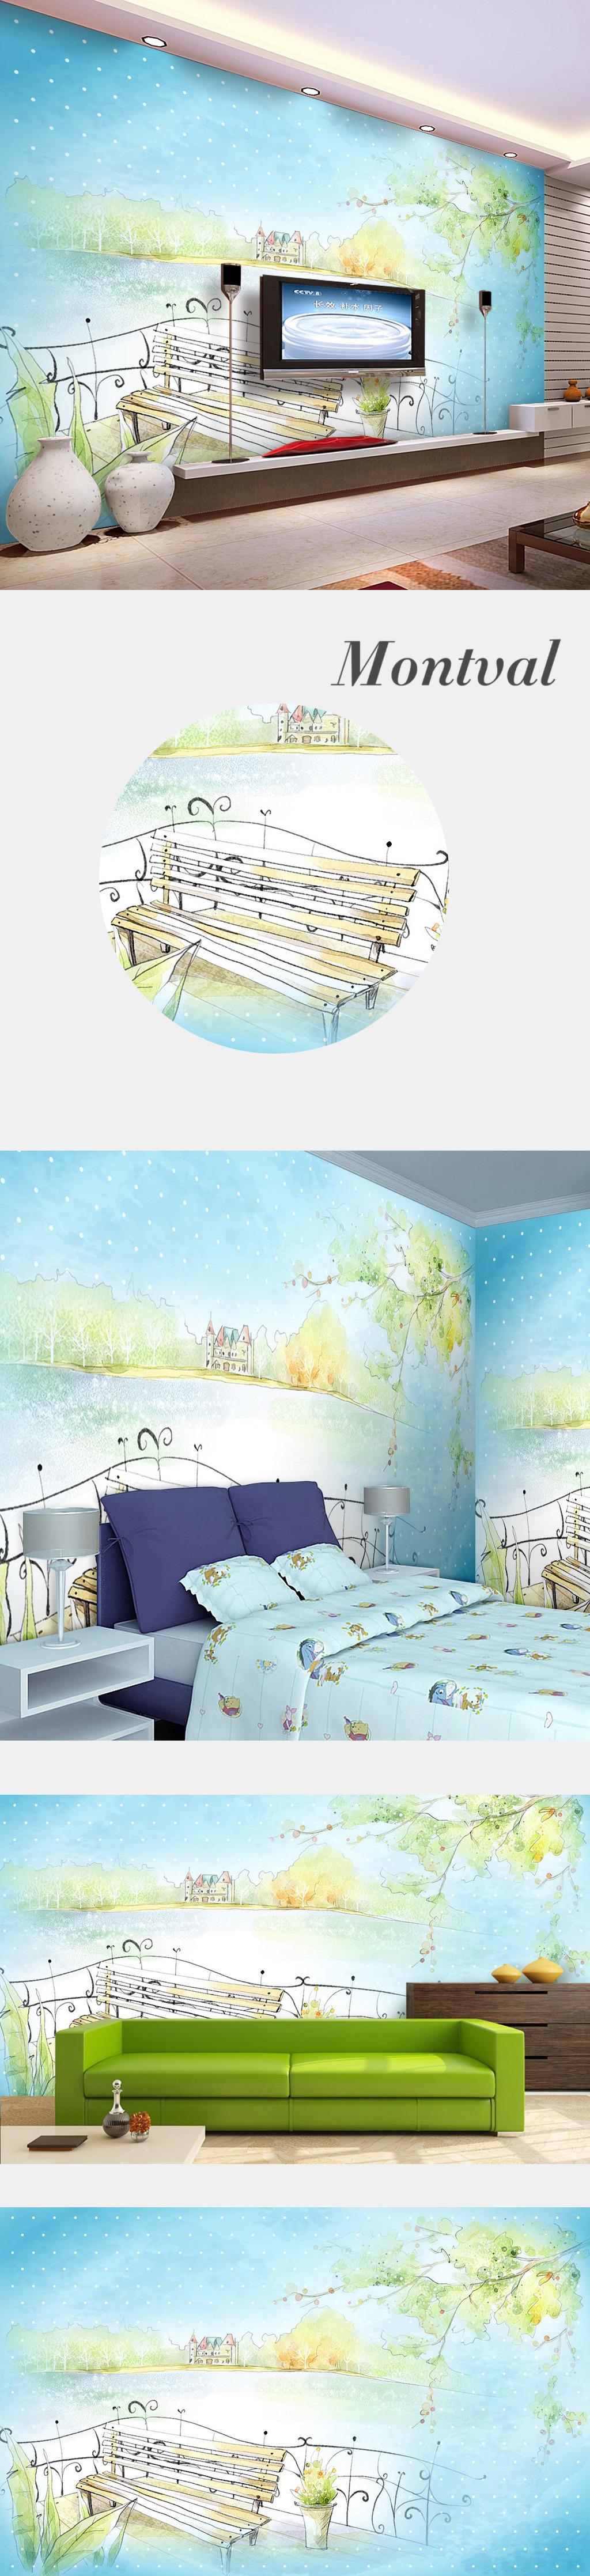 梦幻幼儿园装饰画插画手绘卡通